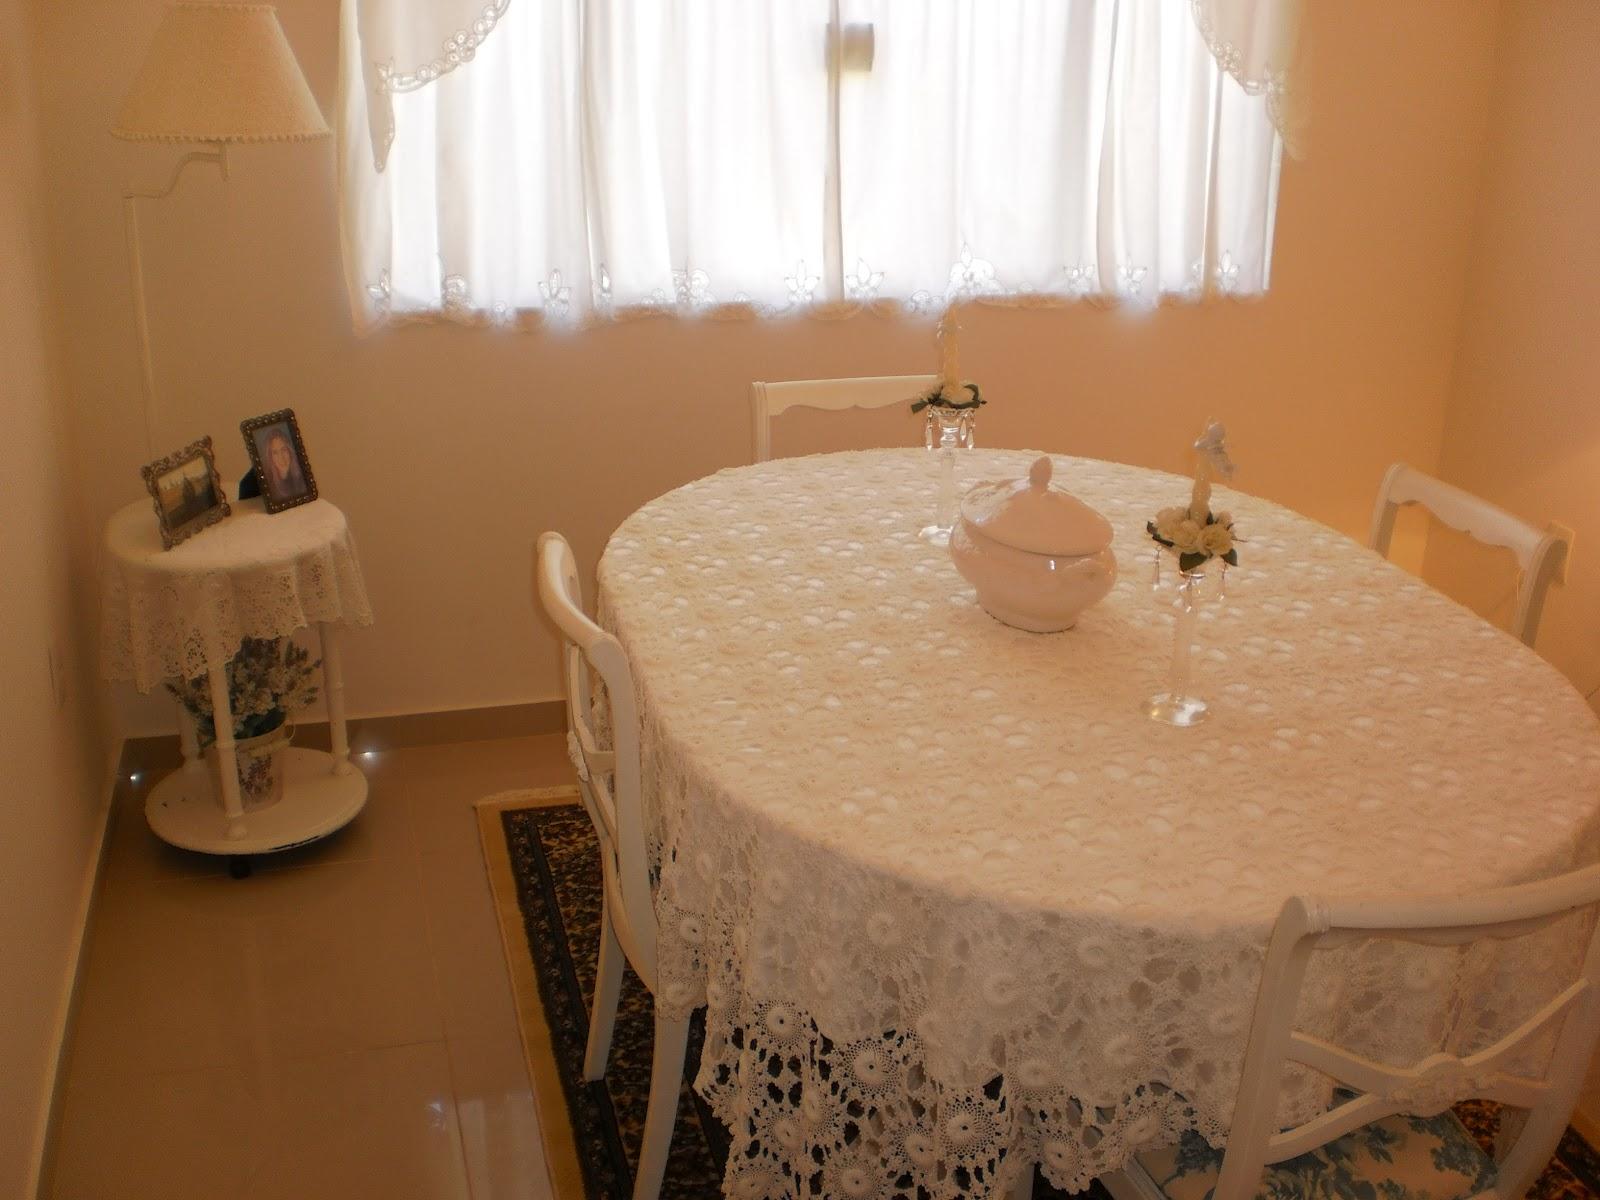 Agora já posso receber a visita de vocês na minha sala de jantar. #332010 1600x1200